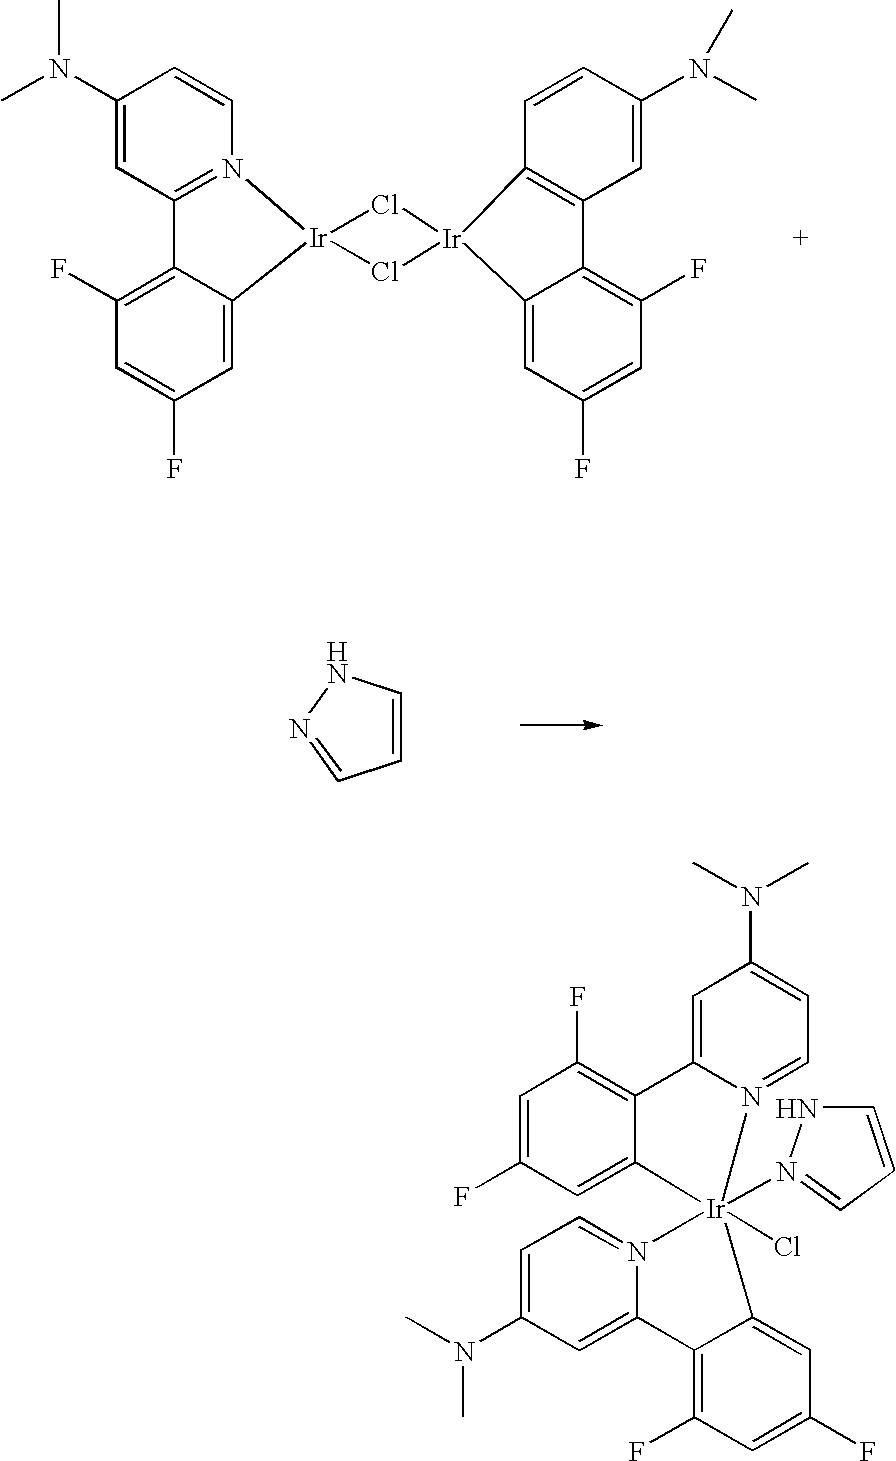 Figure US20050112406A1-20050526-C00037